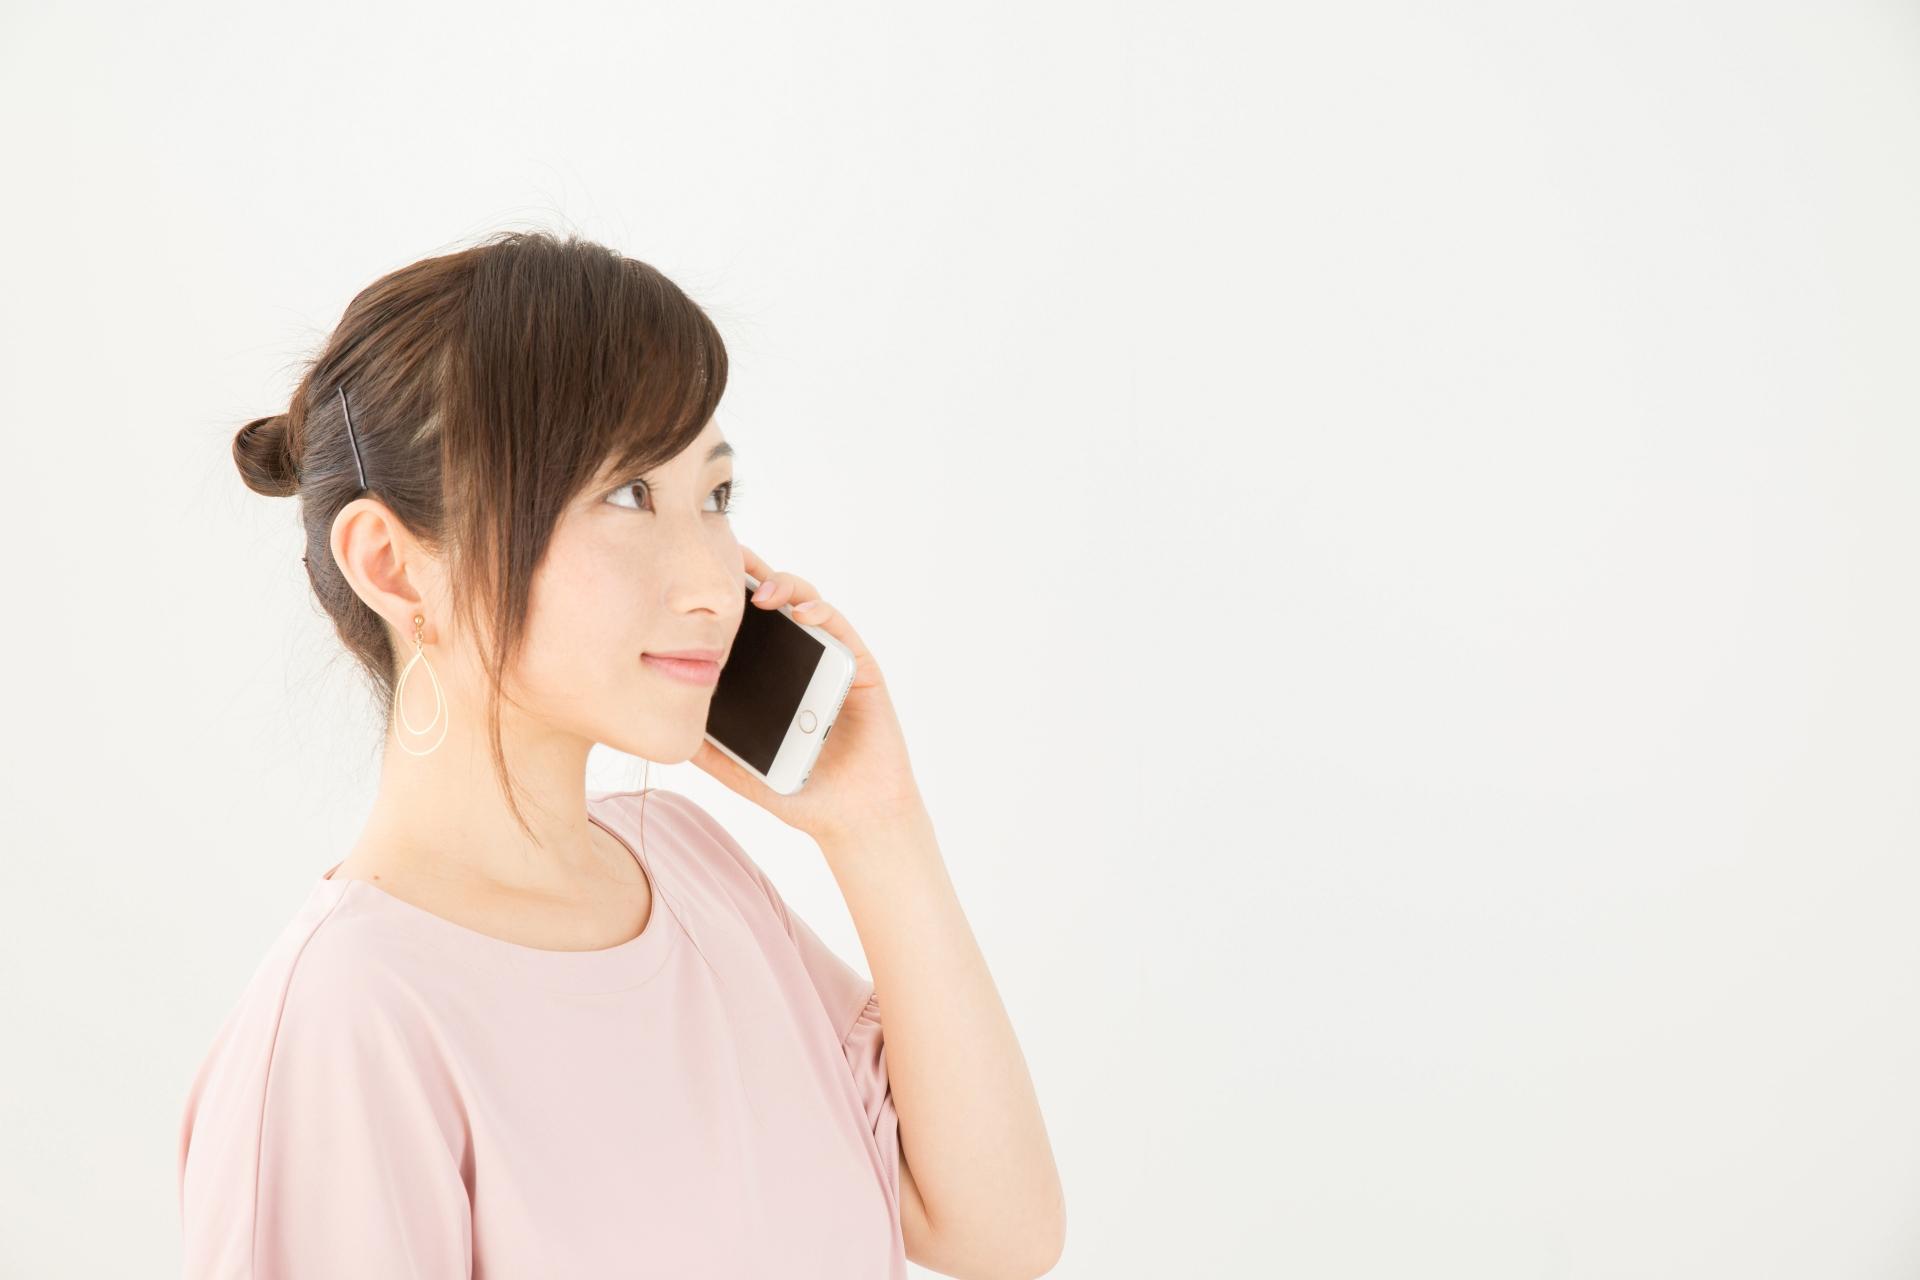 電話する女性